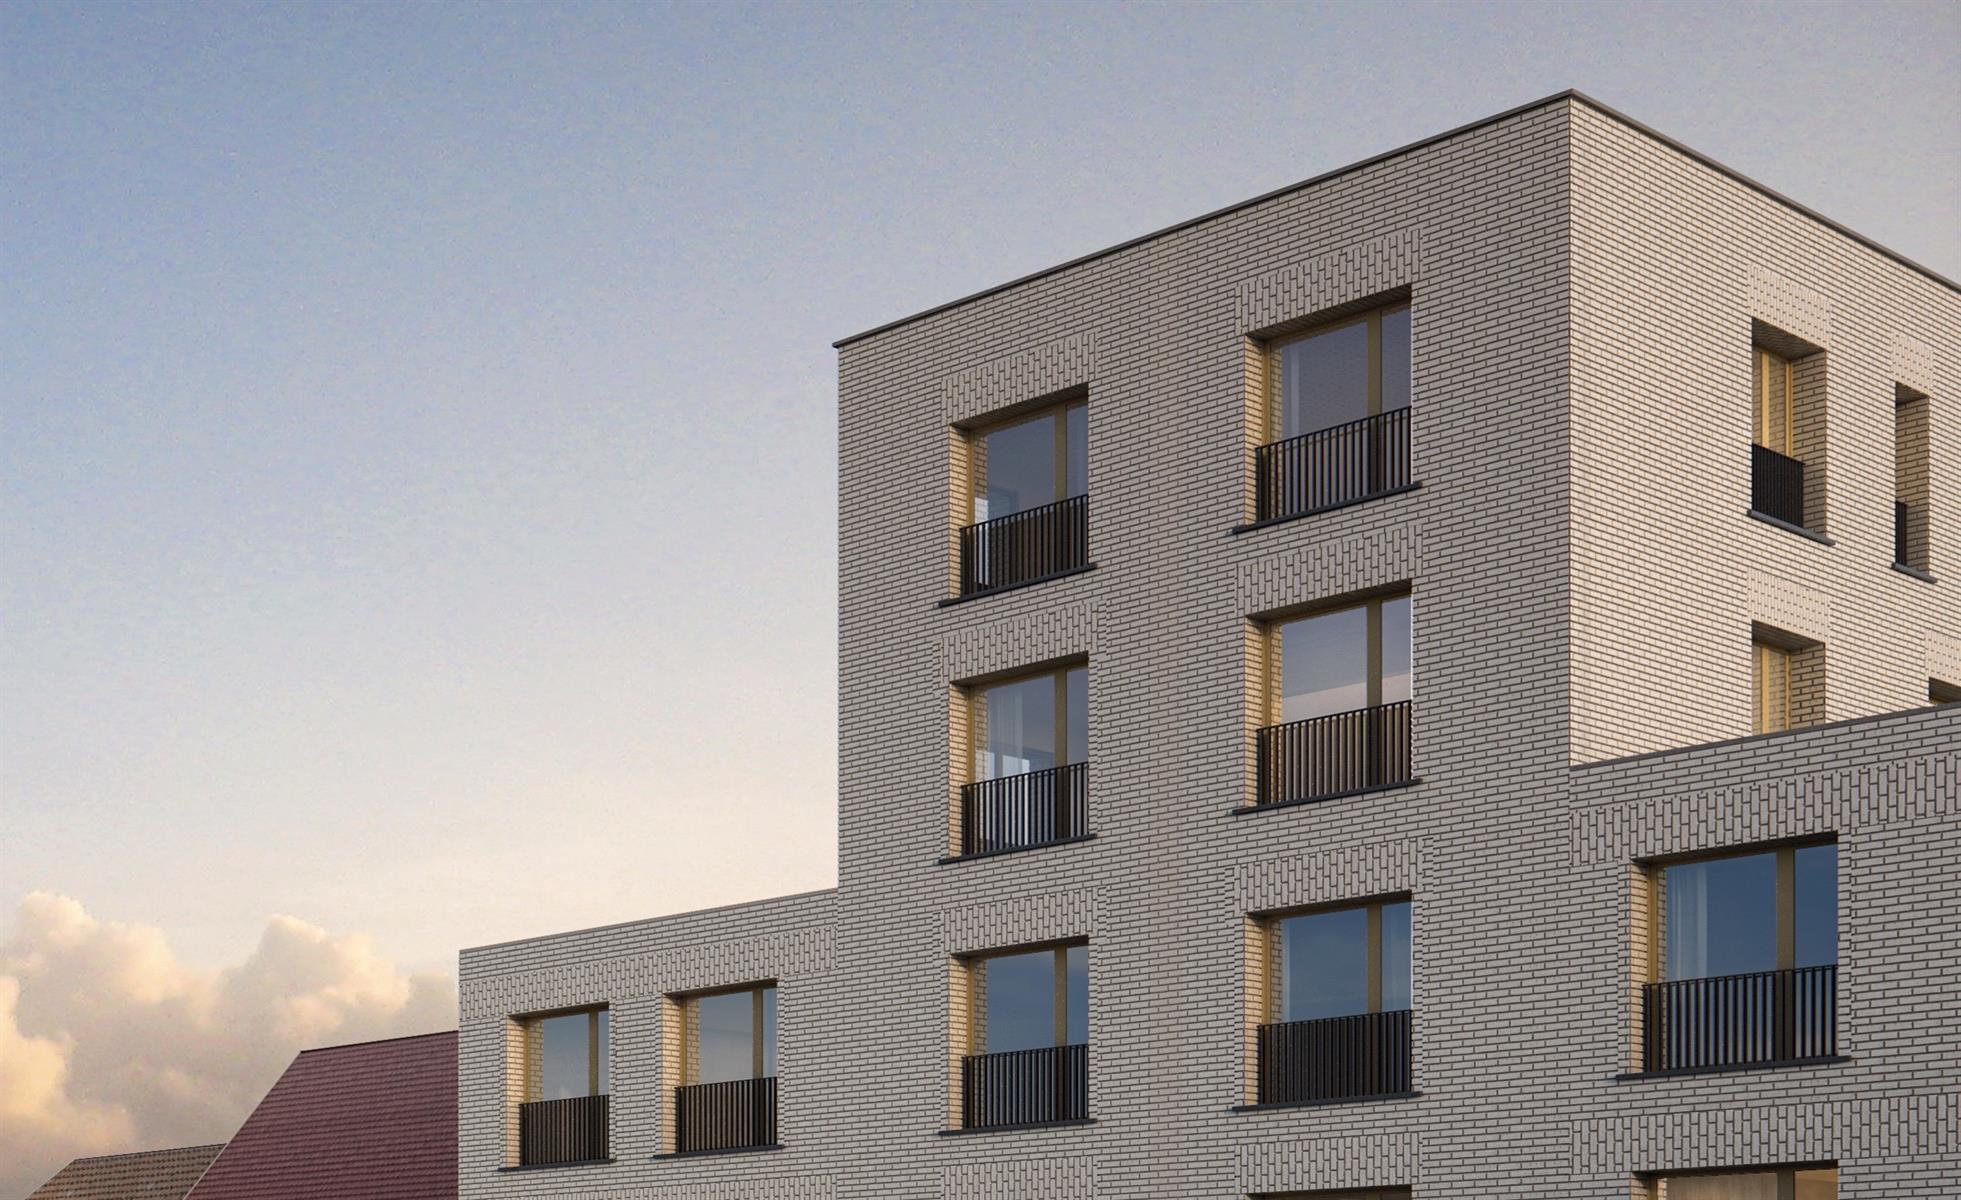 Appartement Te koop Deinze AP 2.3 - Pakhuis - Appartement